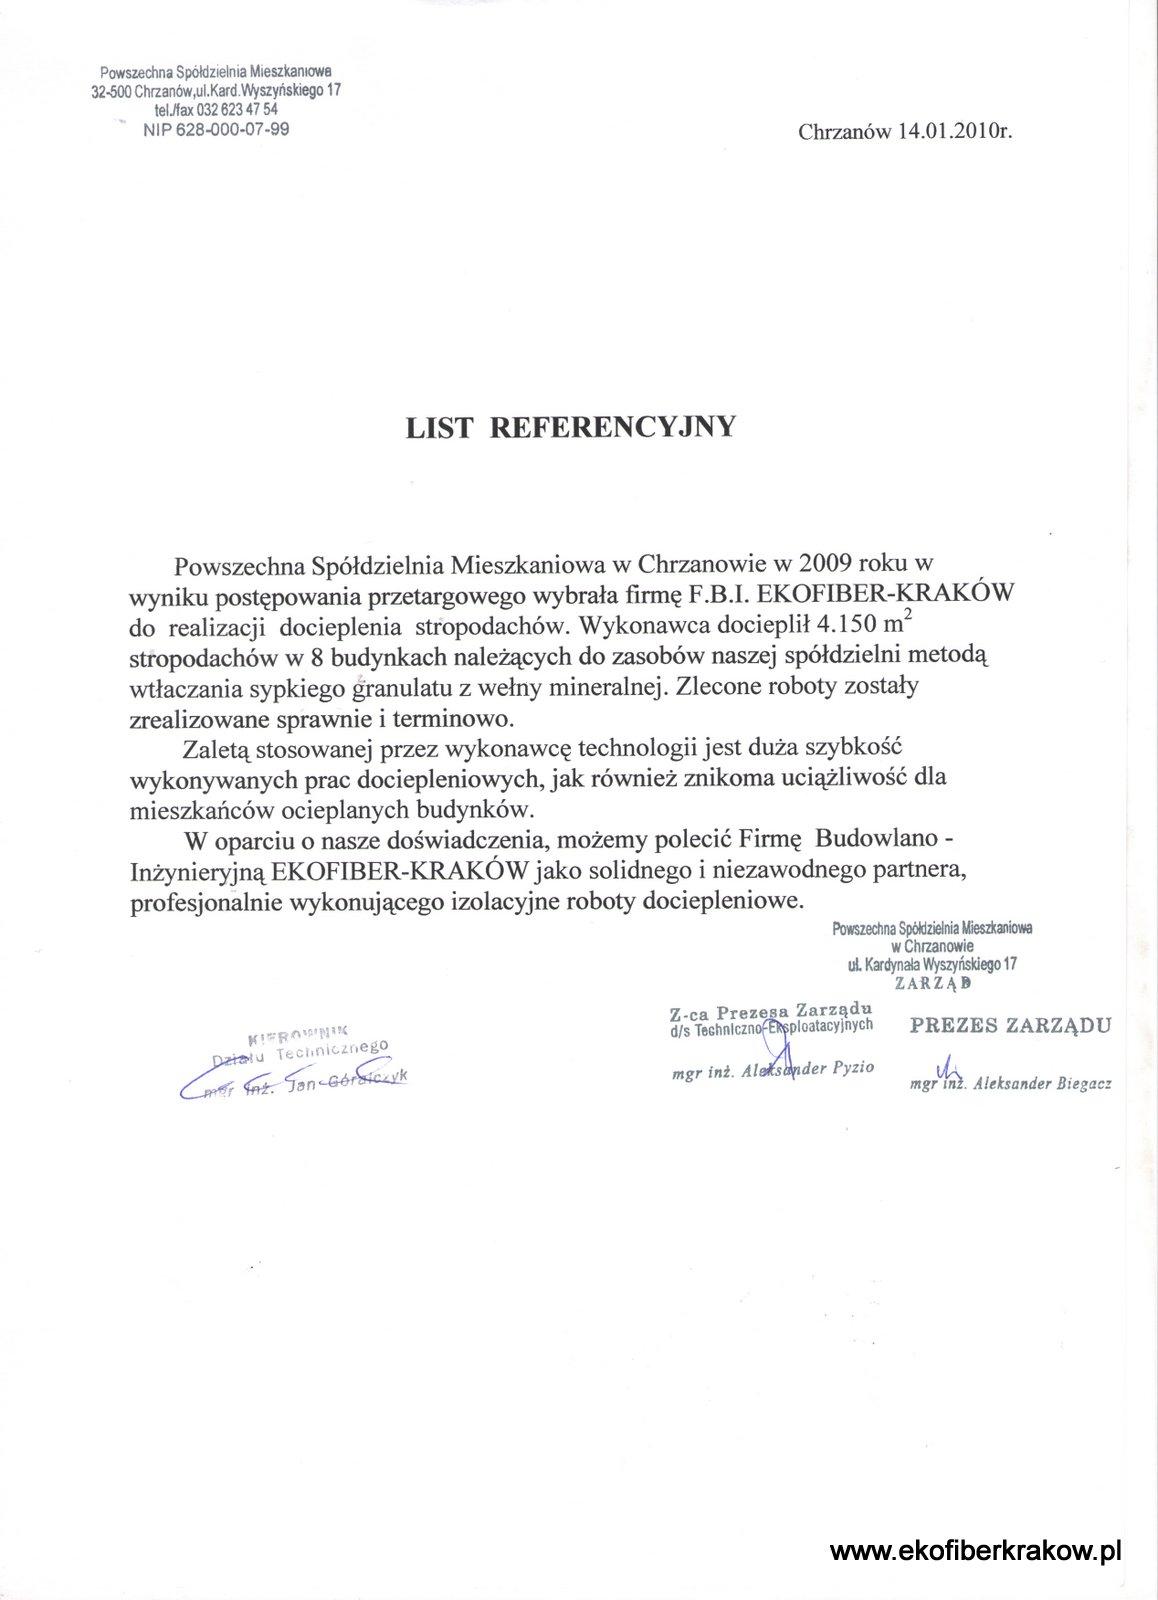 Referencje PSM w Chrzanowie